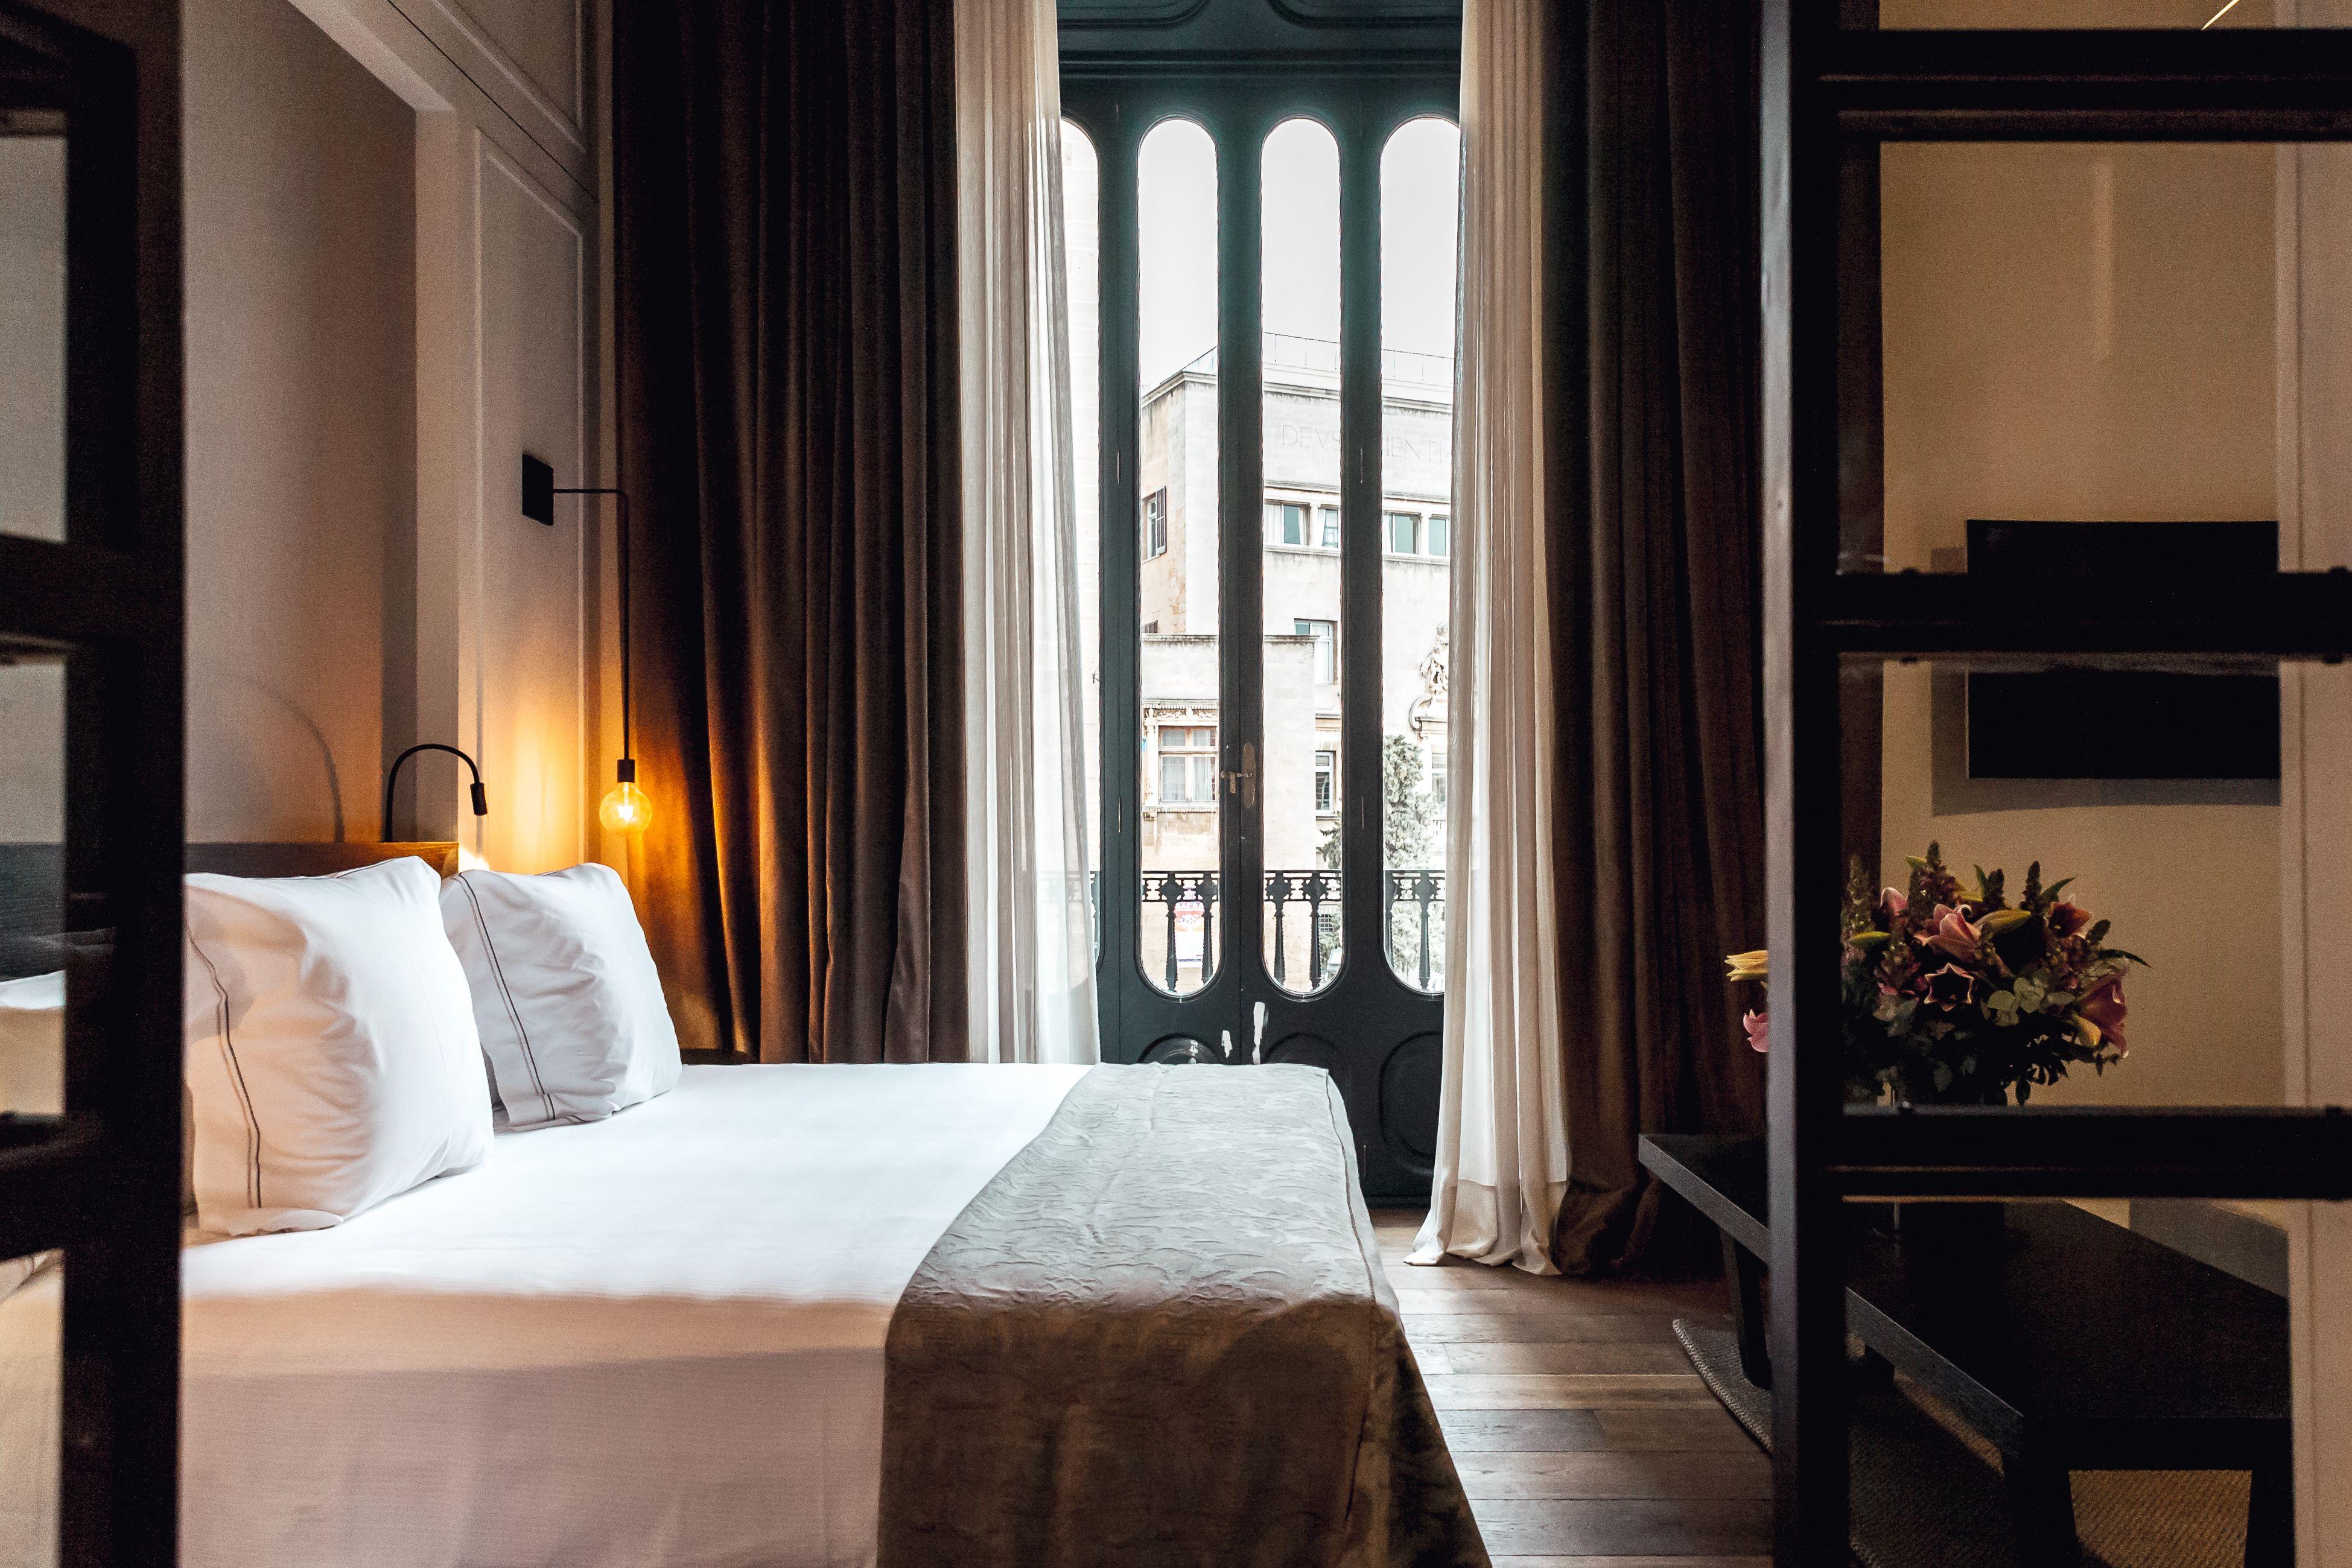 Tolo cursach y mariajosé cabre sant francesc hotel singular